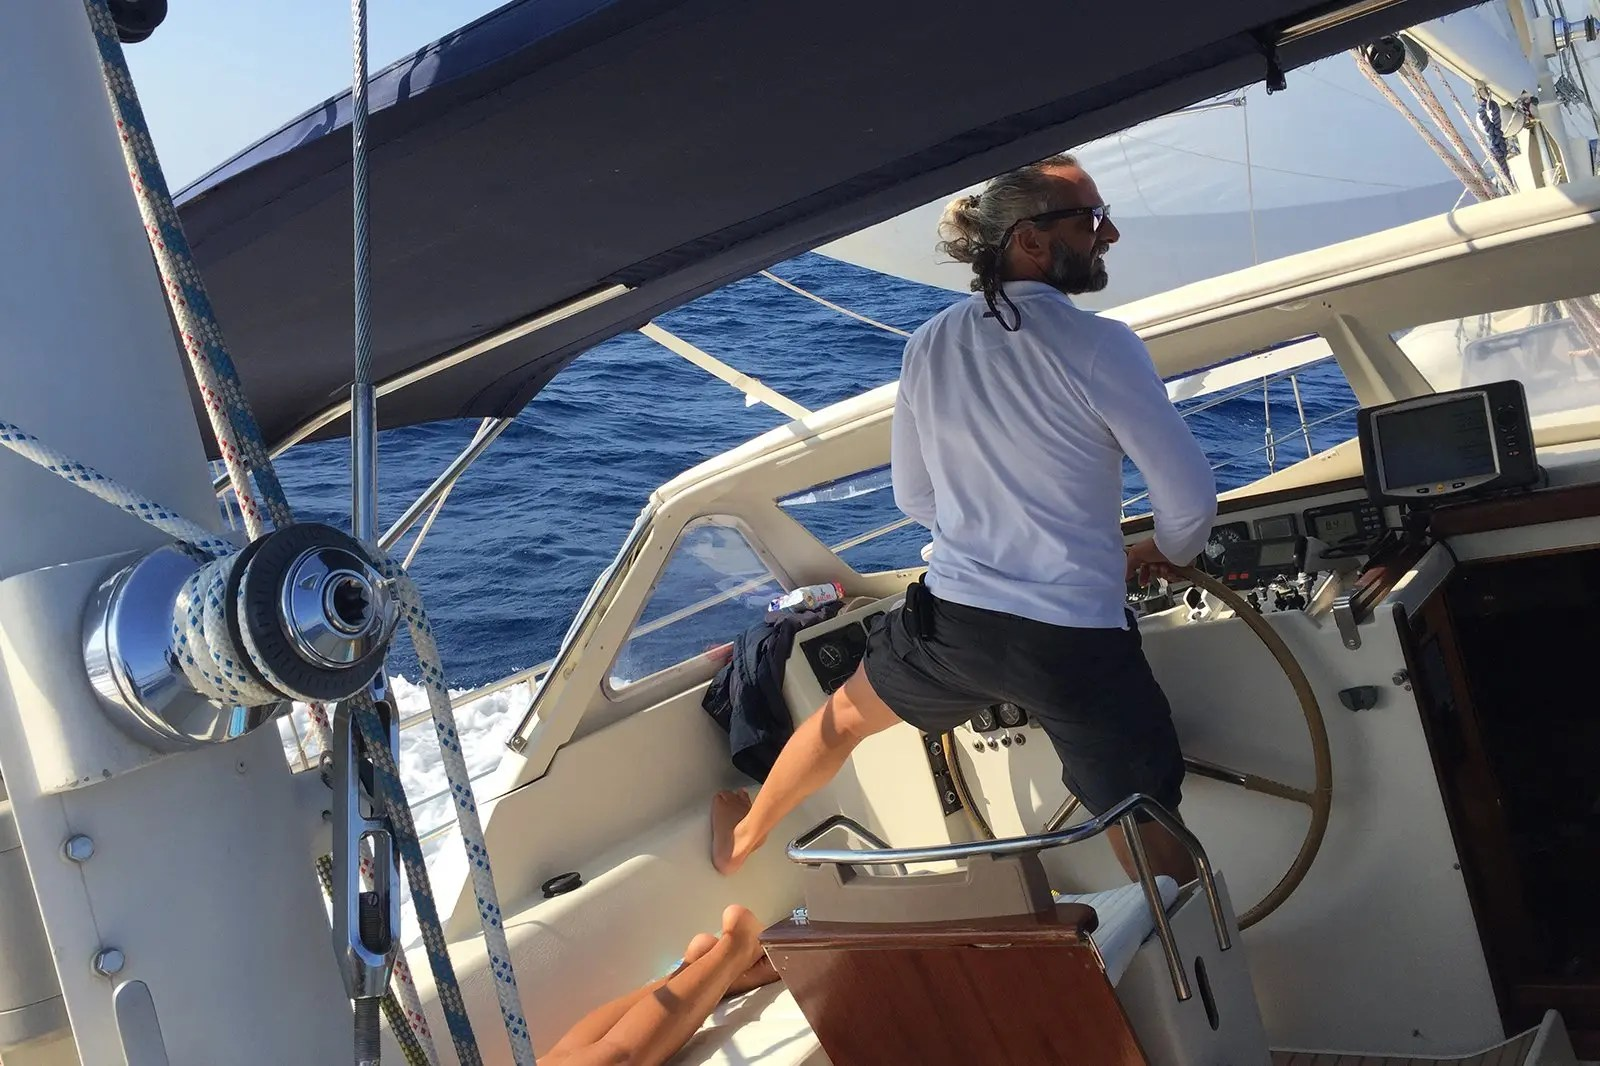 Vacanza in barca a vela: con lo skipper o senza?